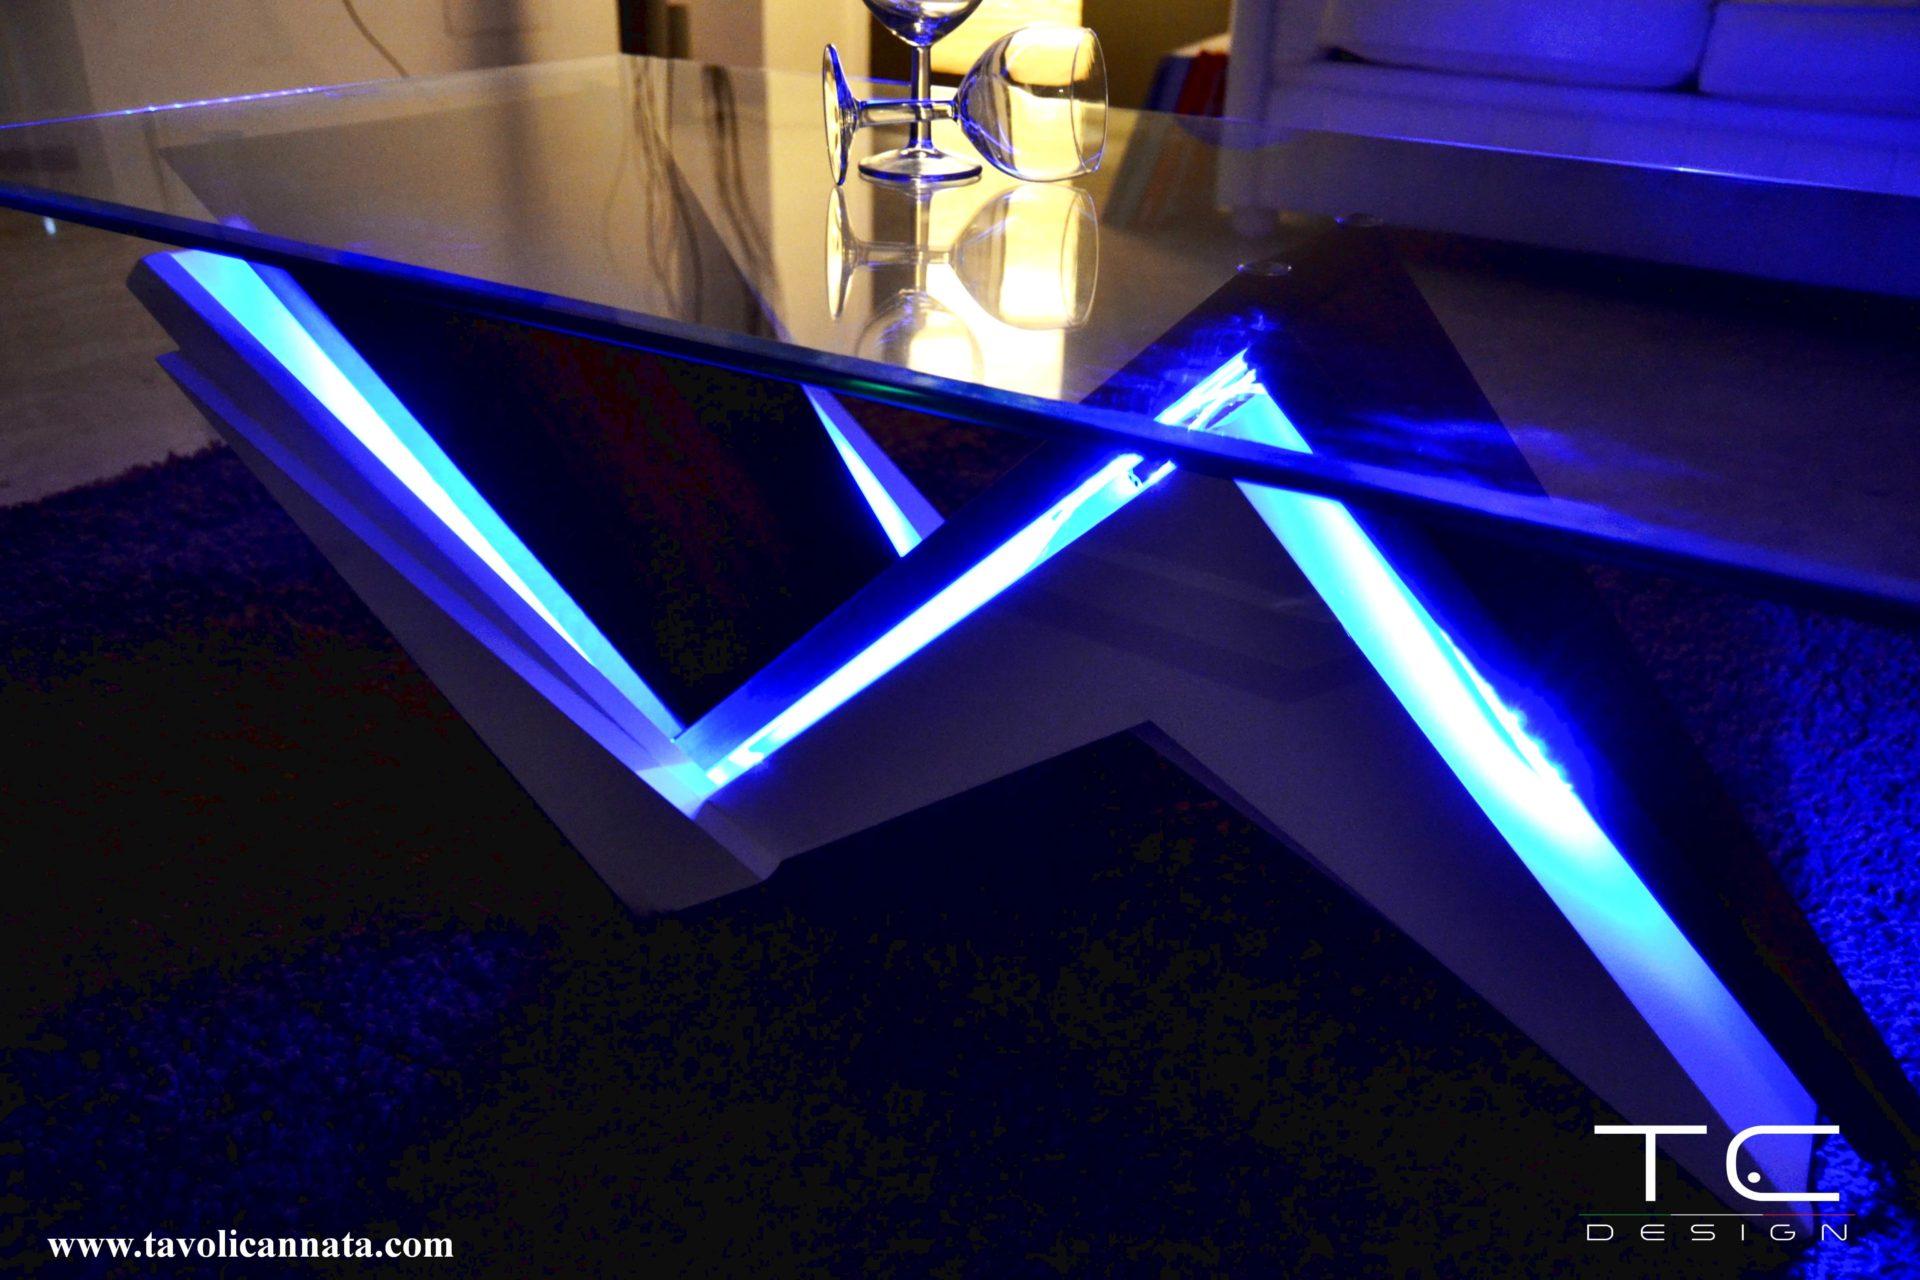 tavolini moderni design